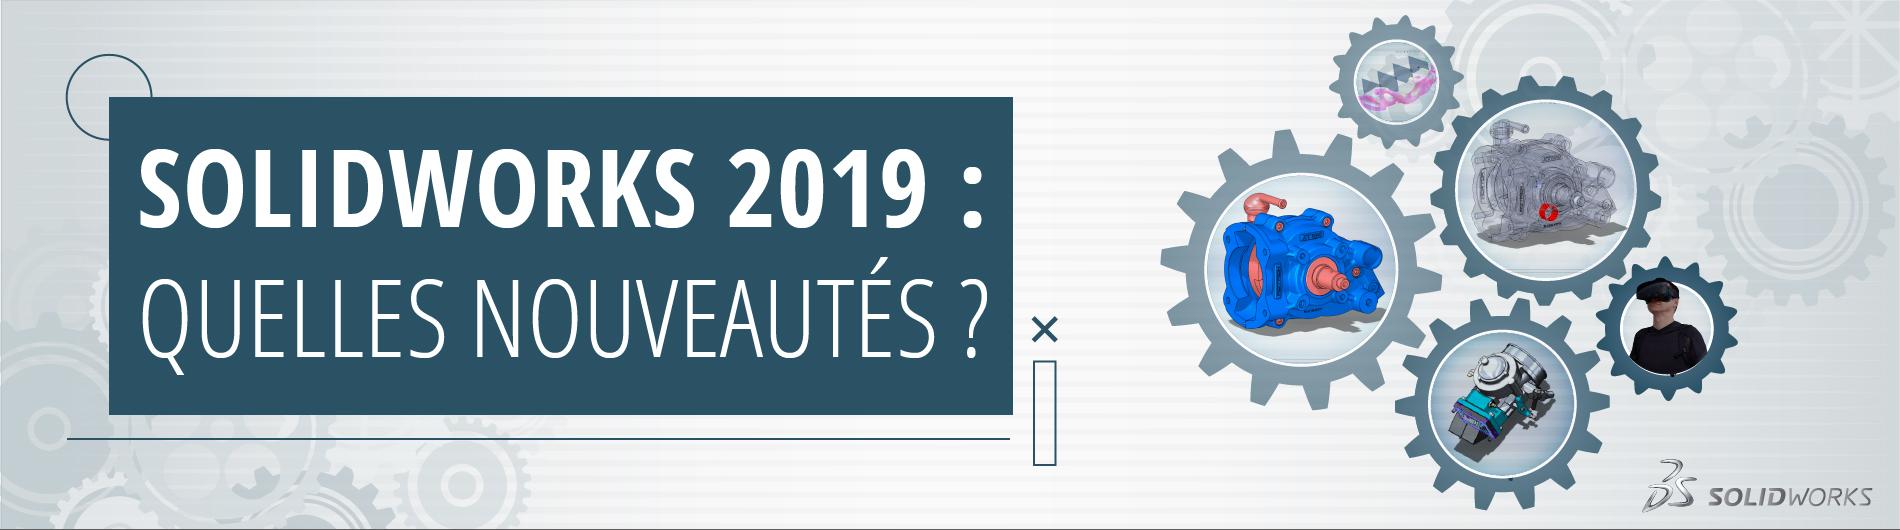 SOLIDWORKS 2019 : LE TOP DES NOUVEAUTÉS